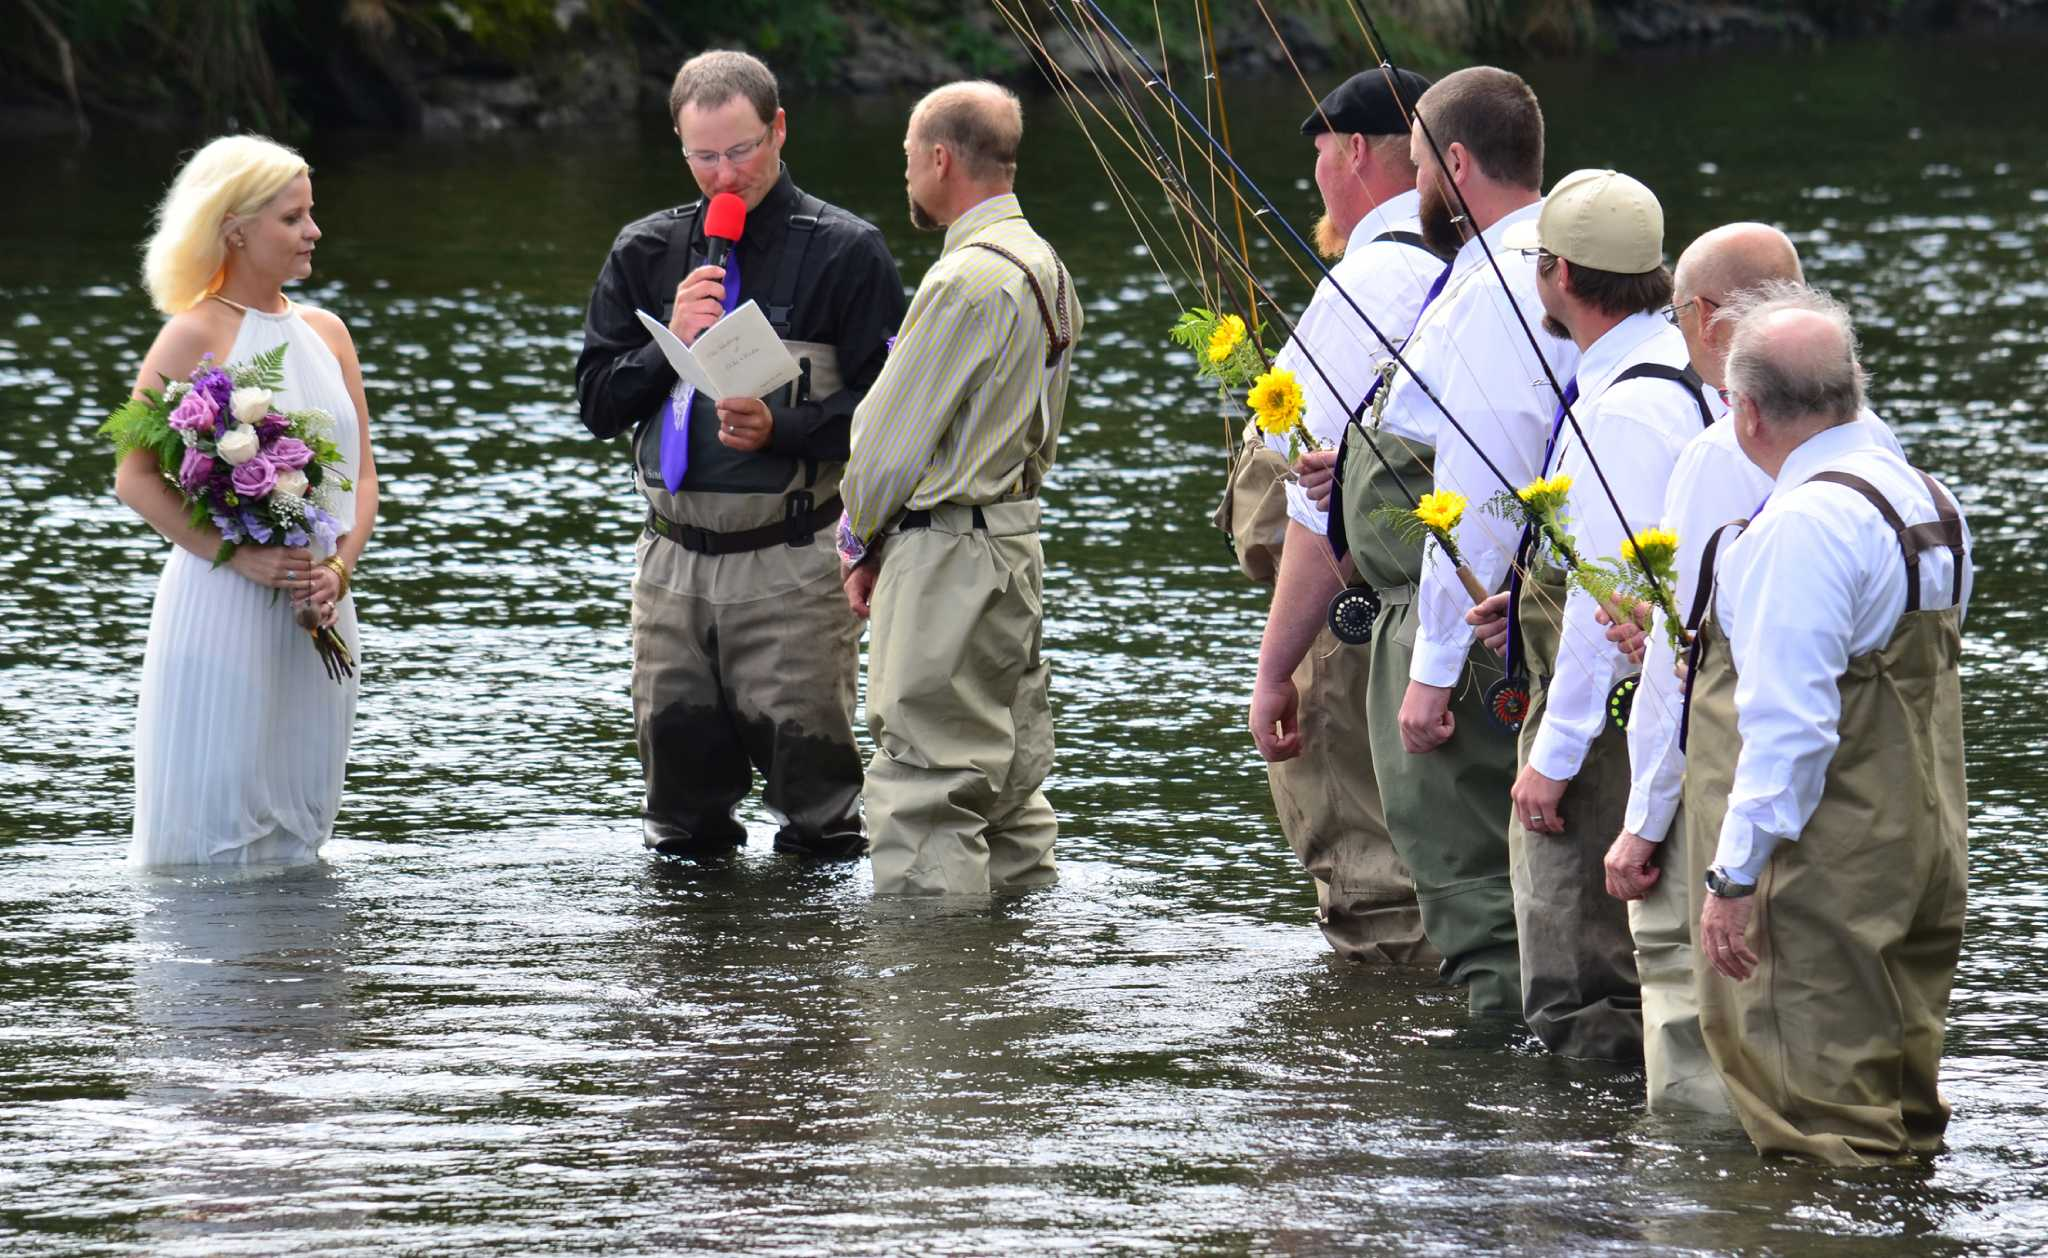 Открытки официальная, прикольные картинки фото о рыбалке